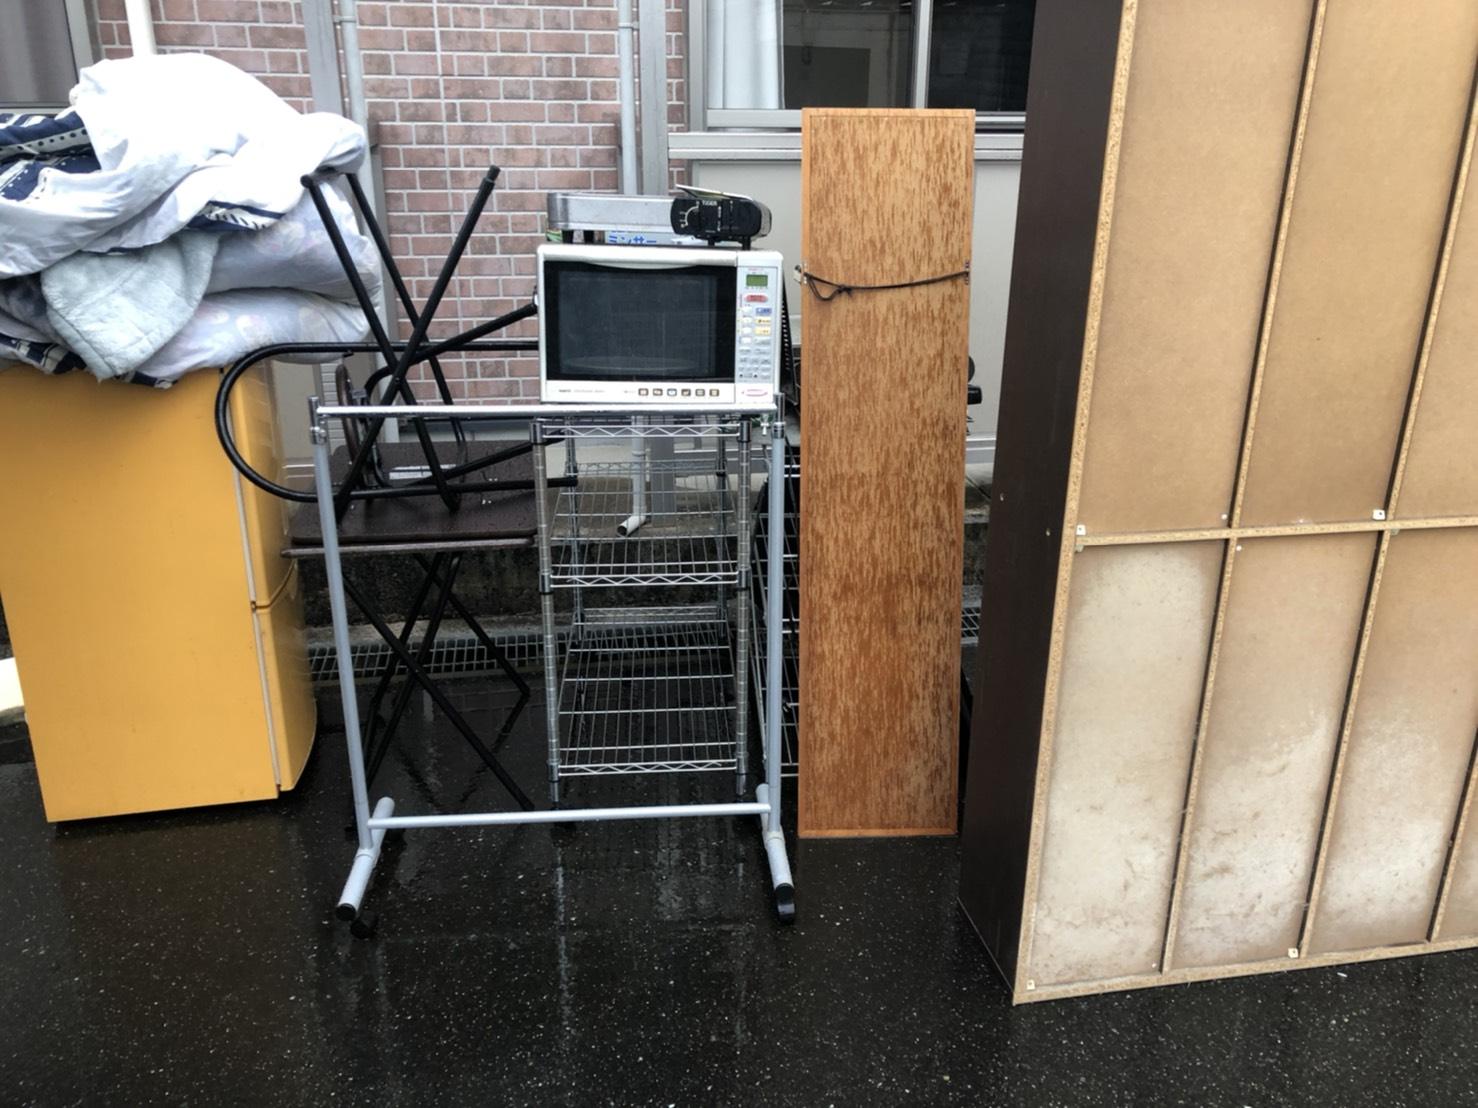 冷蔵庫、布団、レンジ、鏡、カラーボックスの回収前